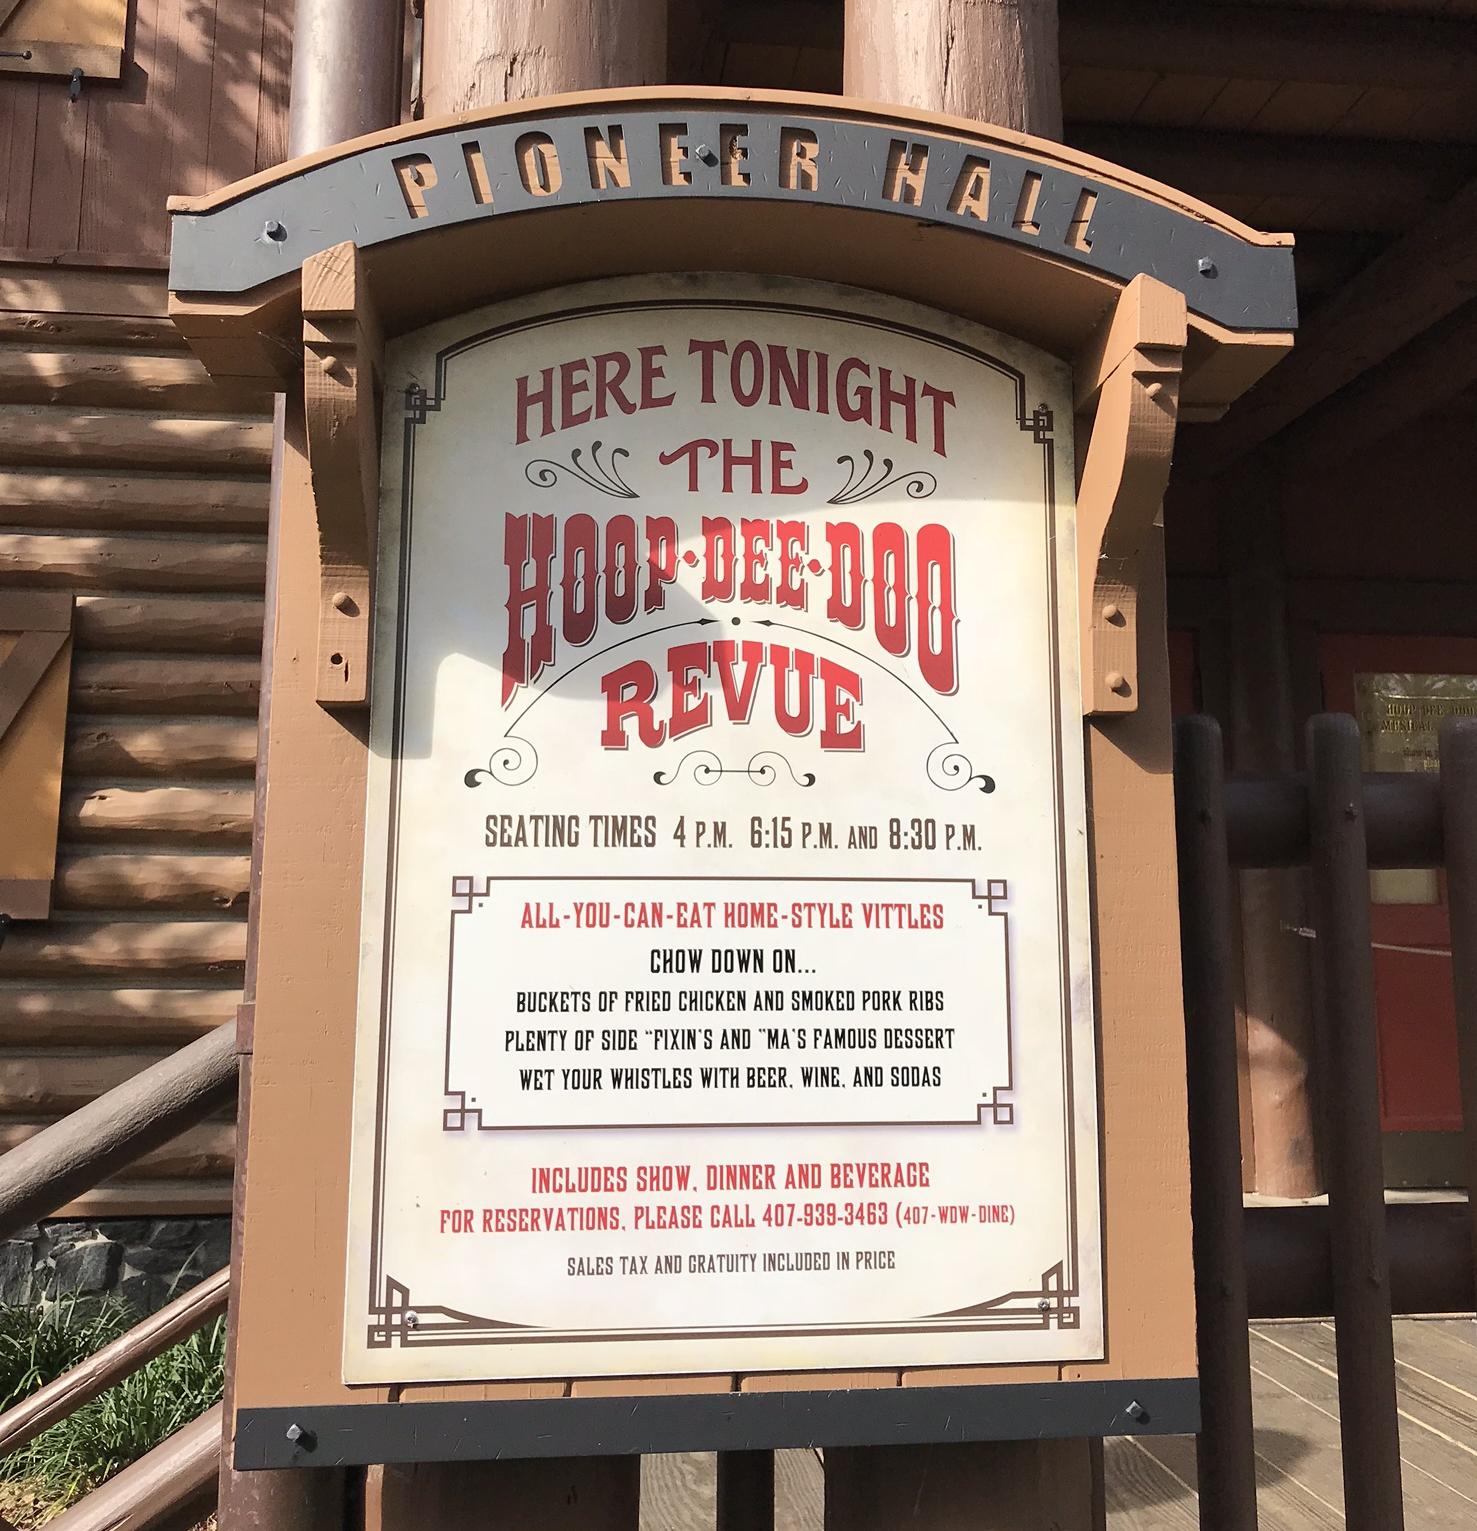 Hoop Dee Doo Revue Sign